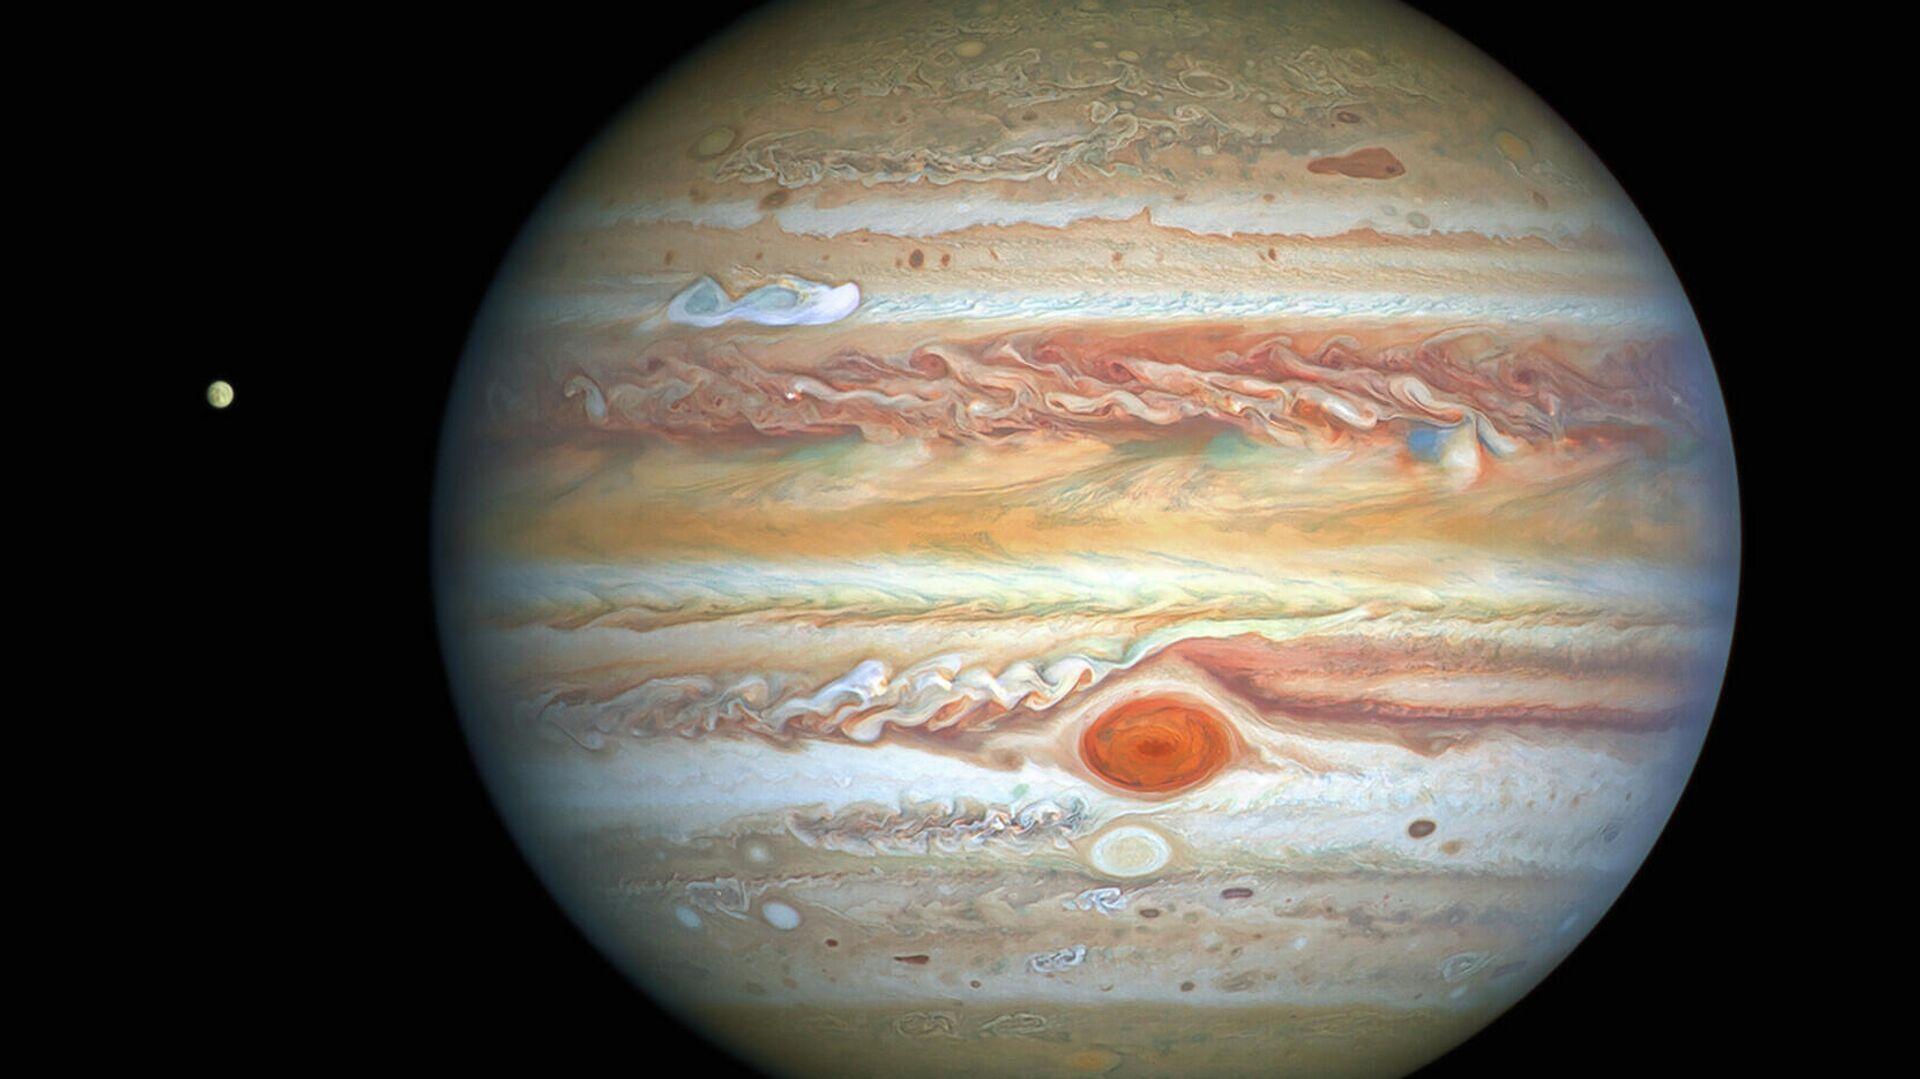 Юпитер сфотографированный космическим телескопом НАСА Хаббл  - РИА Новости, 1920, 20.09.2021